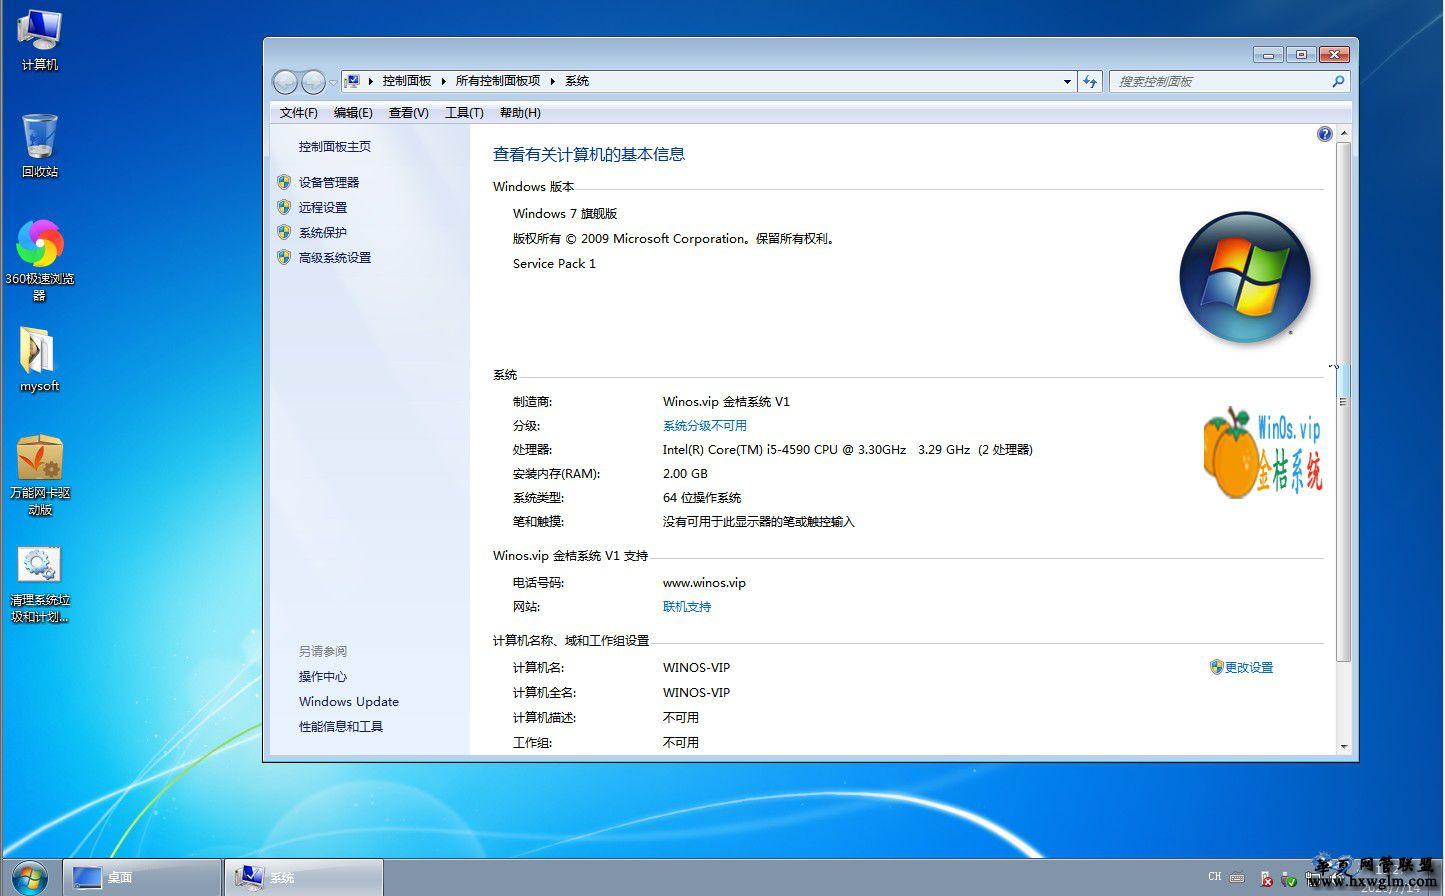 【金桔WINOS系统】(云更新V1版)WINOS7X64无盘万能包下载(已放出下载)